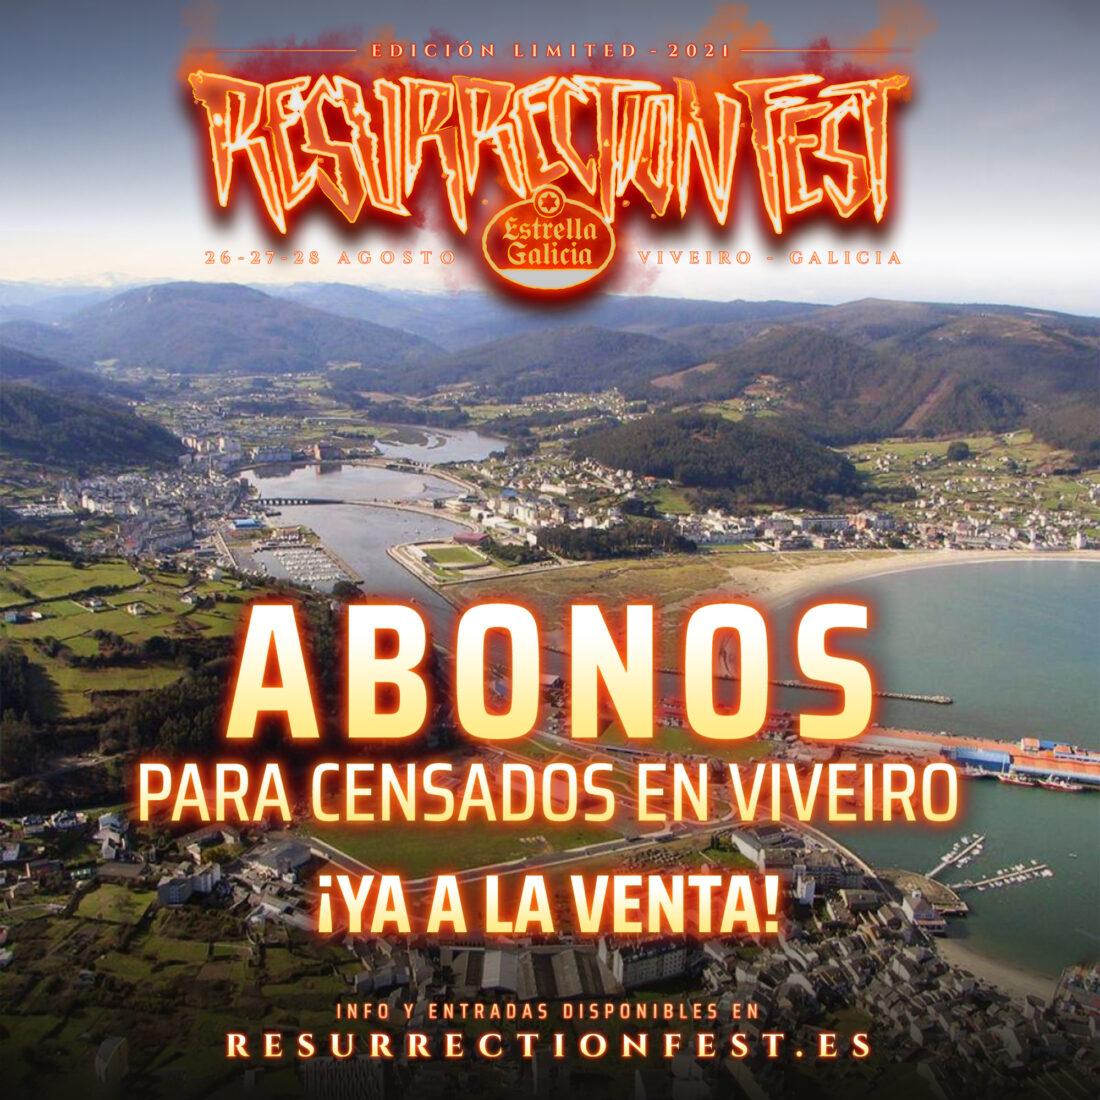 Entradas para los censados en Viveiro para el Resurrection Fest Estrella Galicia Limited 2021